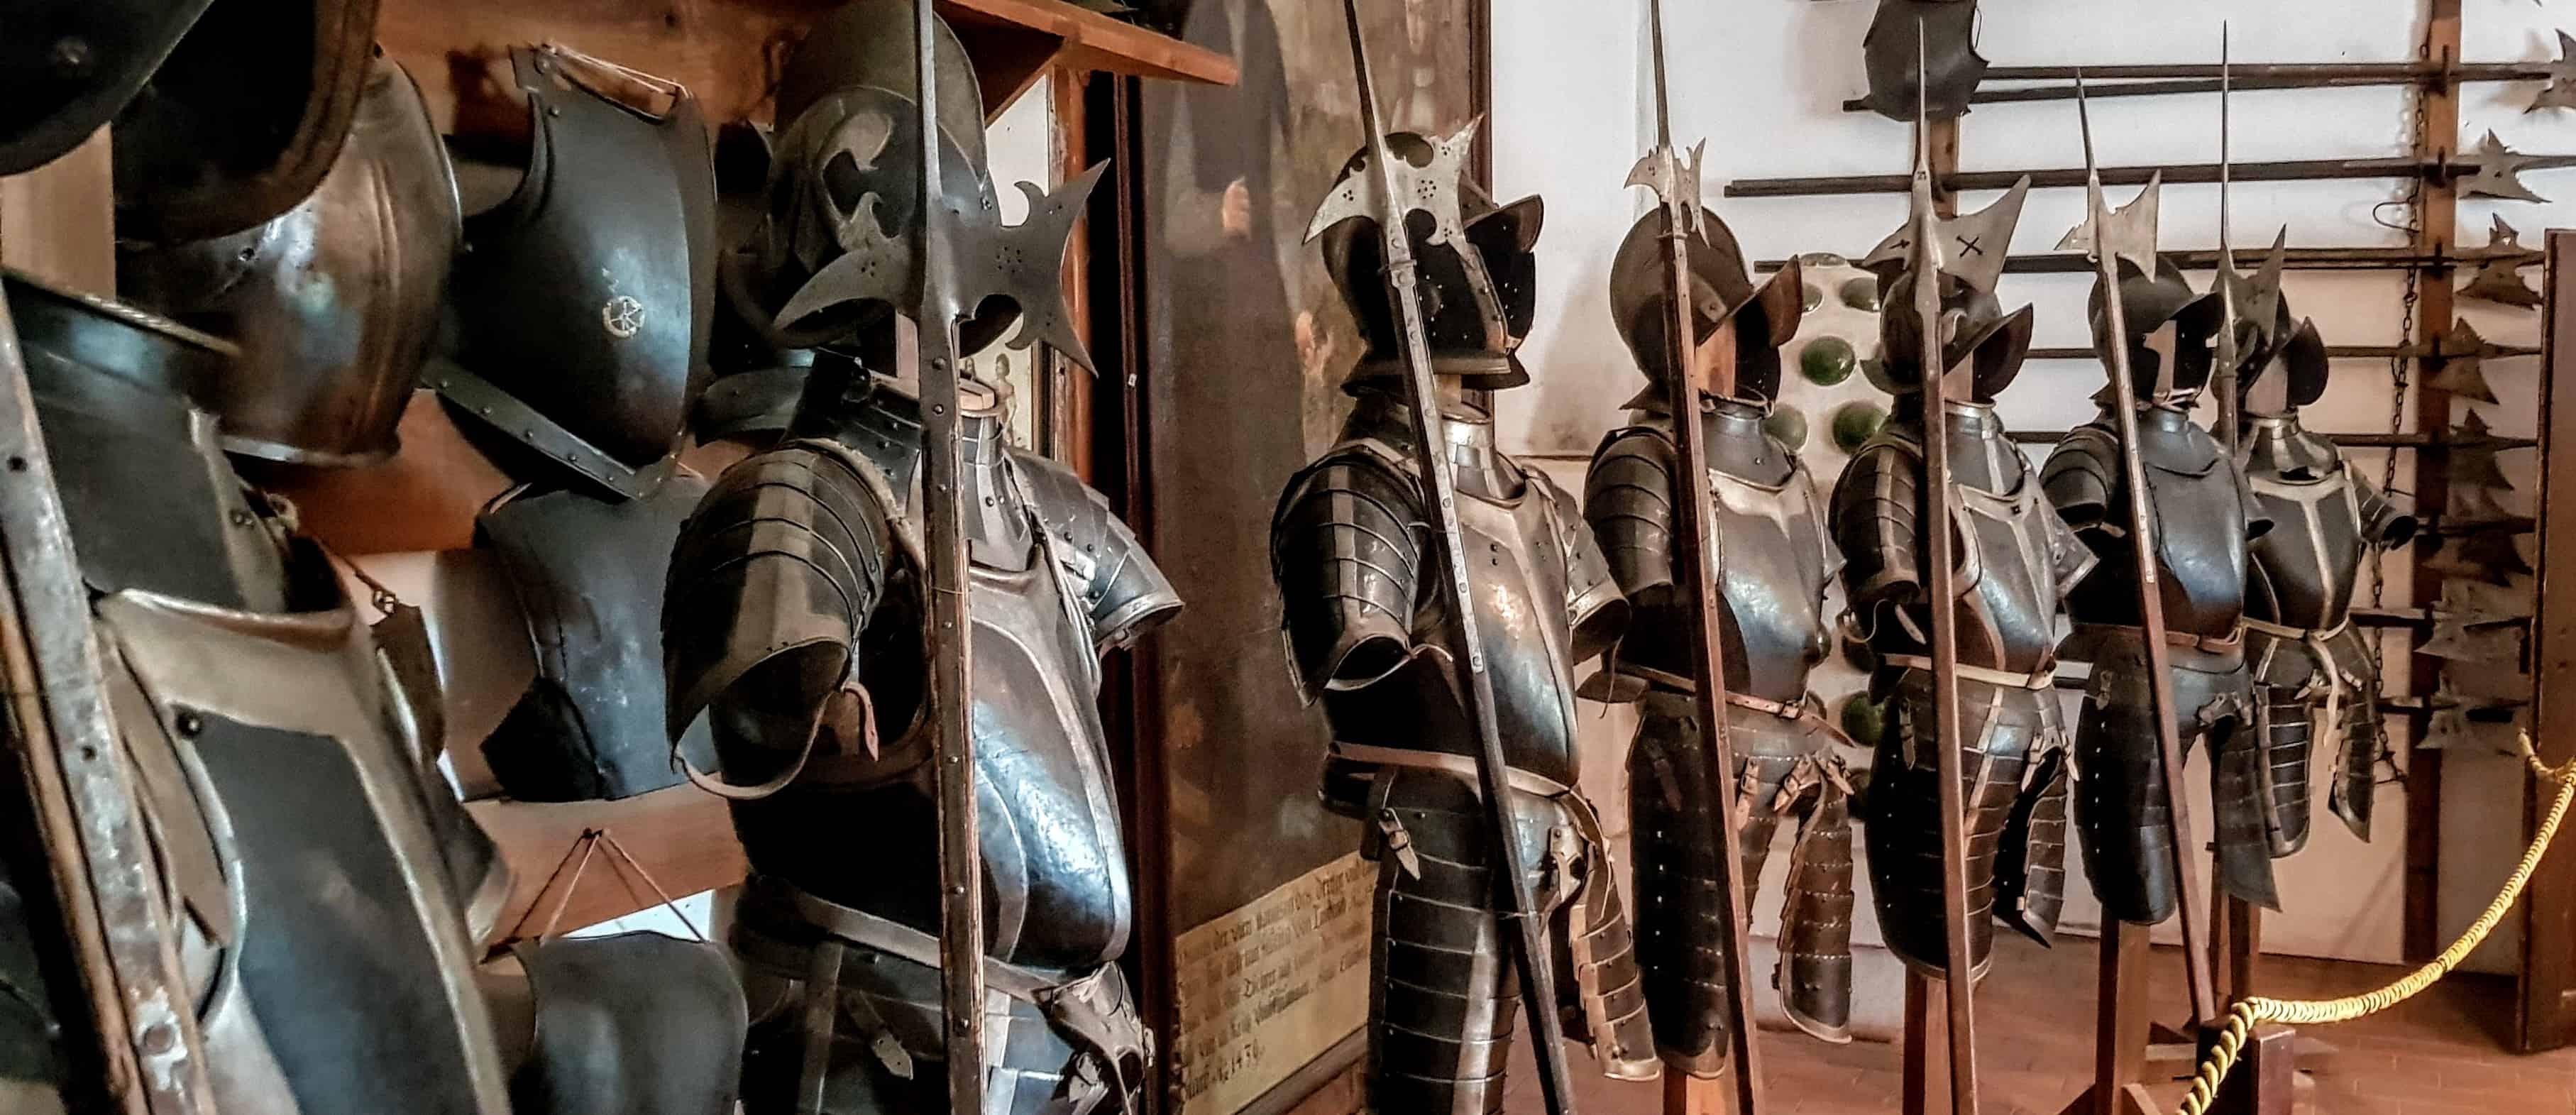 Museum auf der Burg Hochosterwitz - Rüstungen